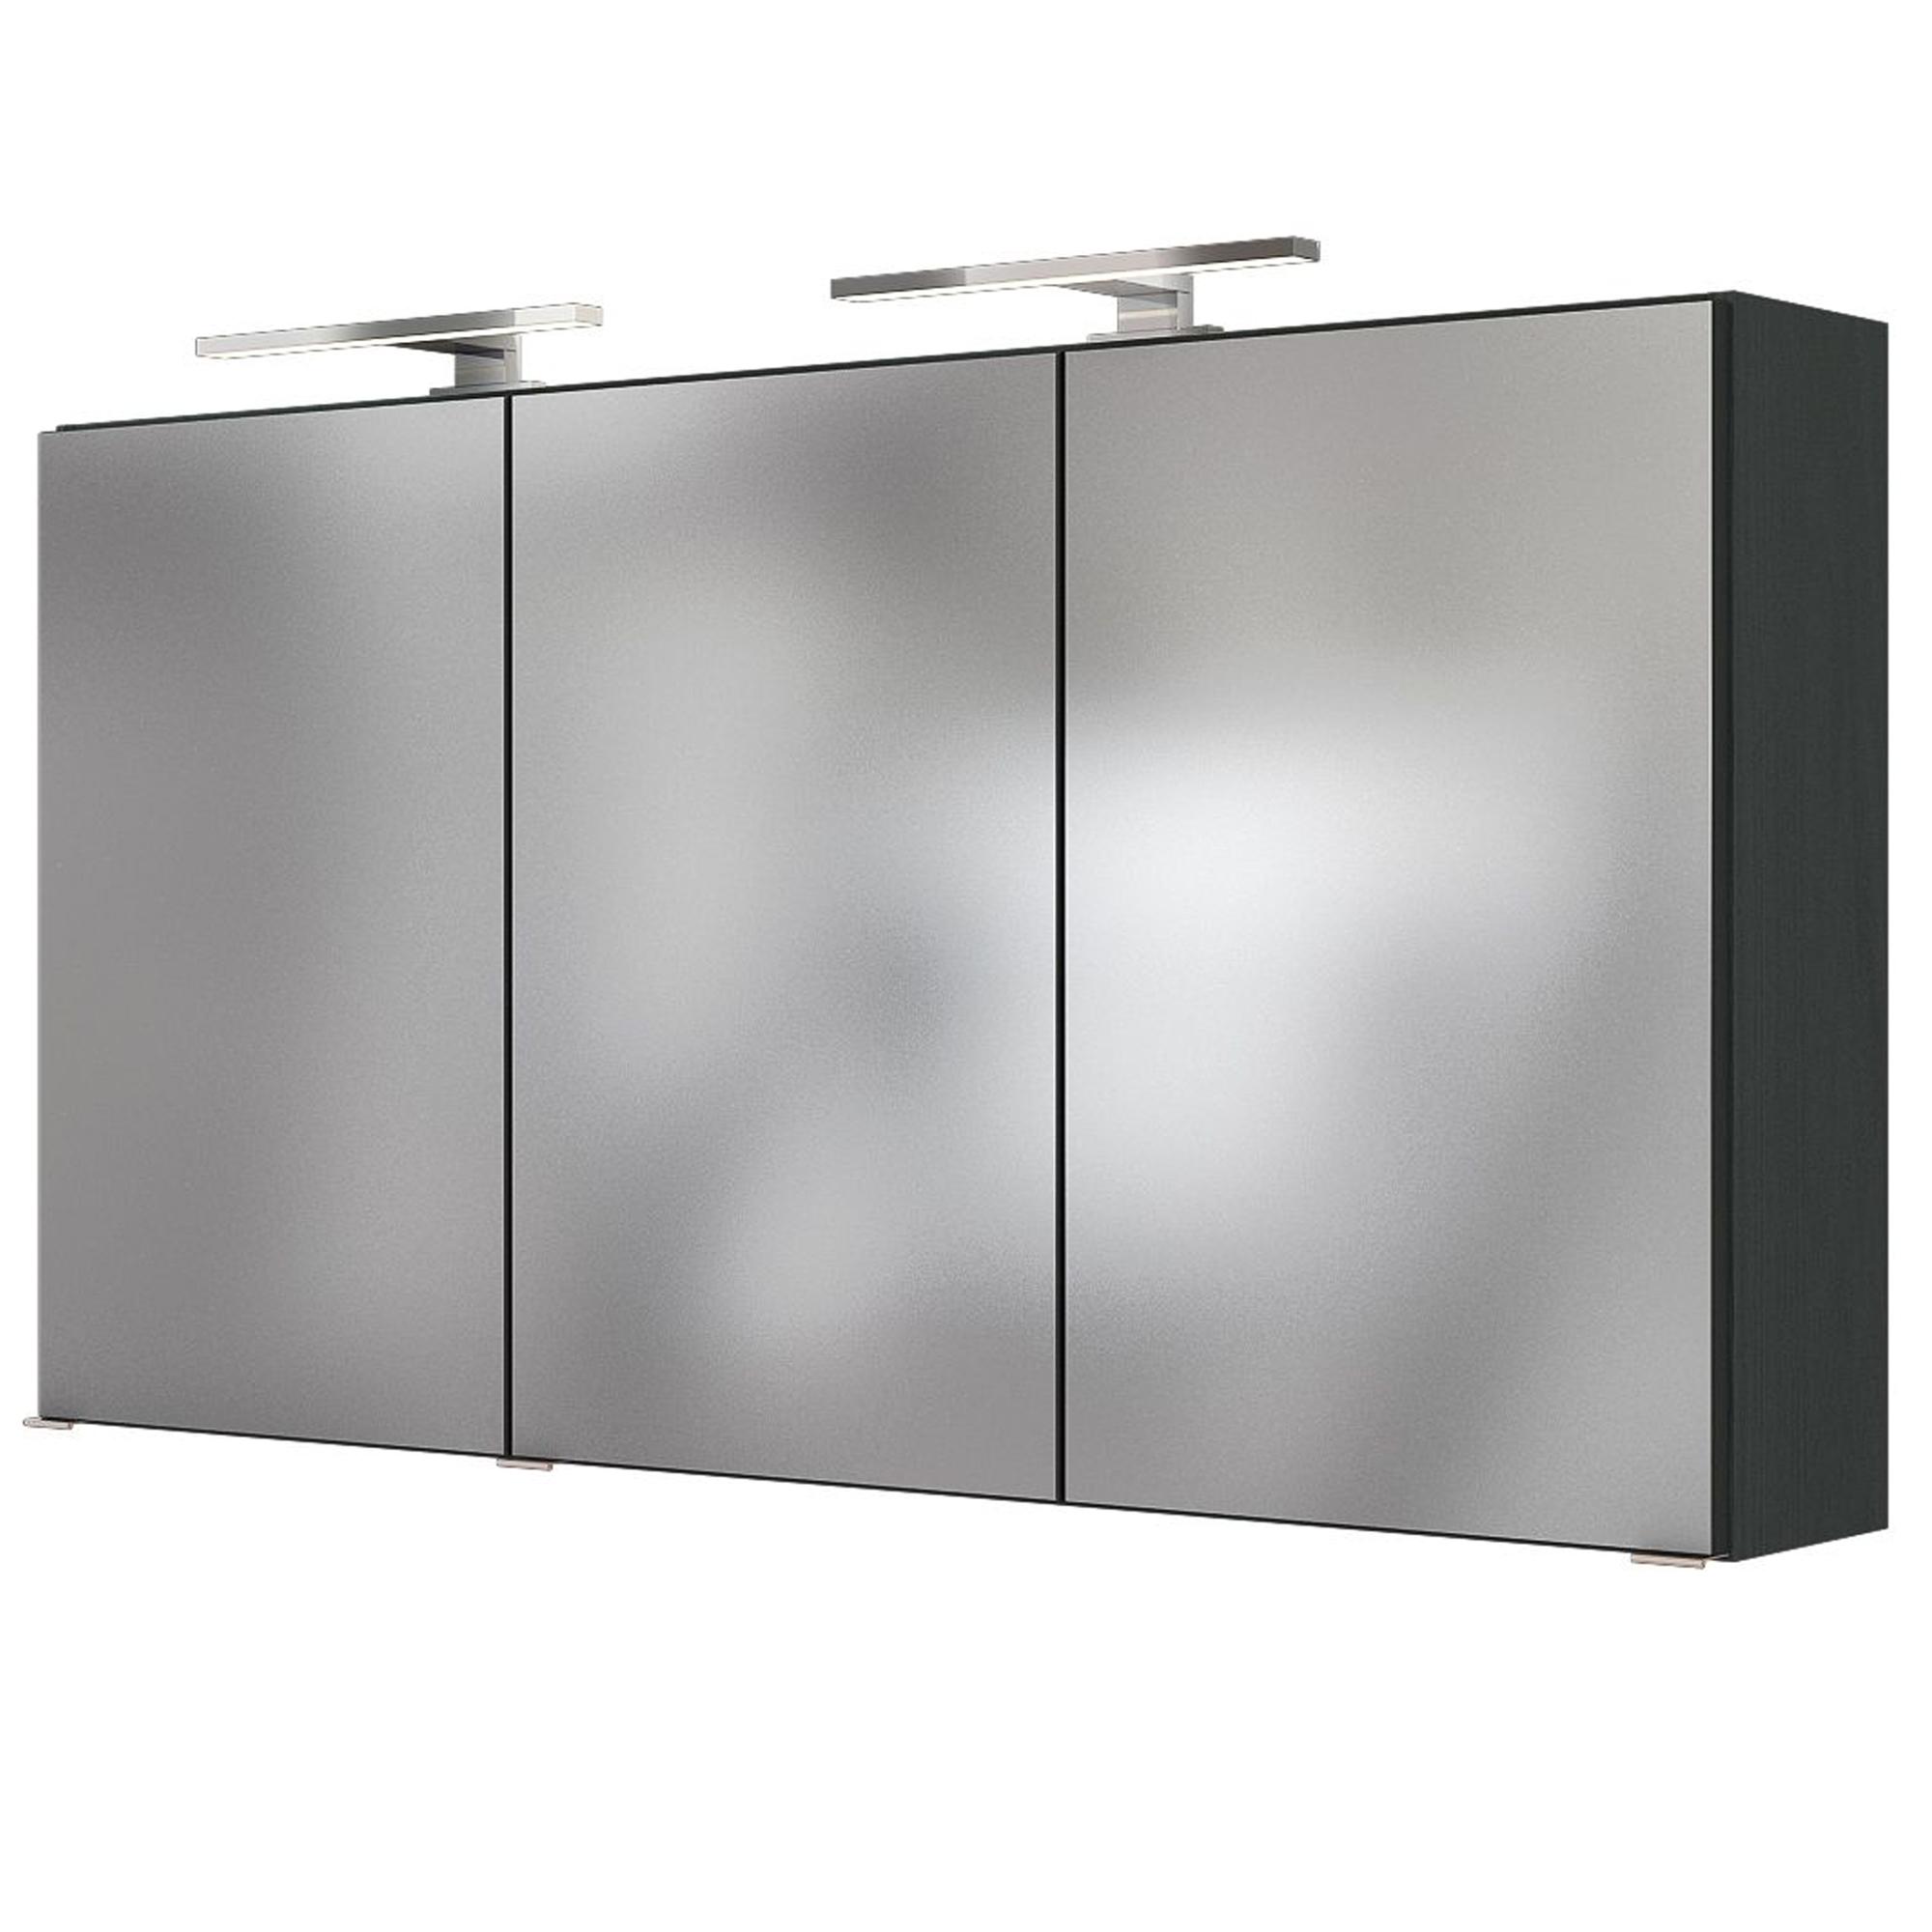 Bad spiegelschrank baabe 3 t rig mit beleuchtung 120 for Spiegelschrank bad 120 cm